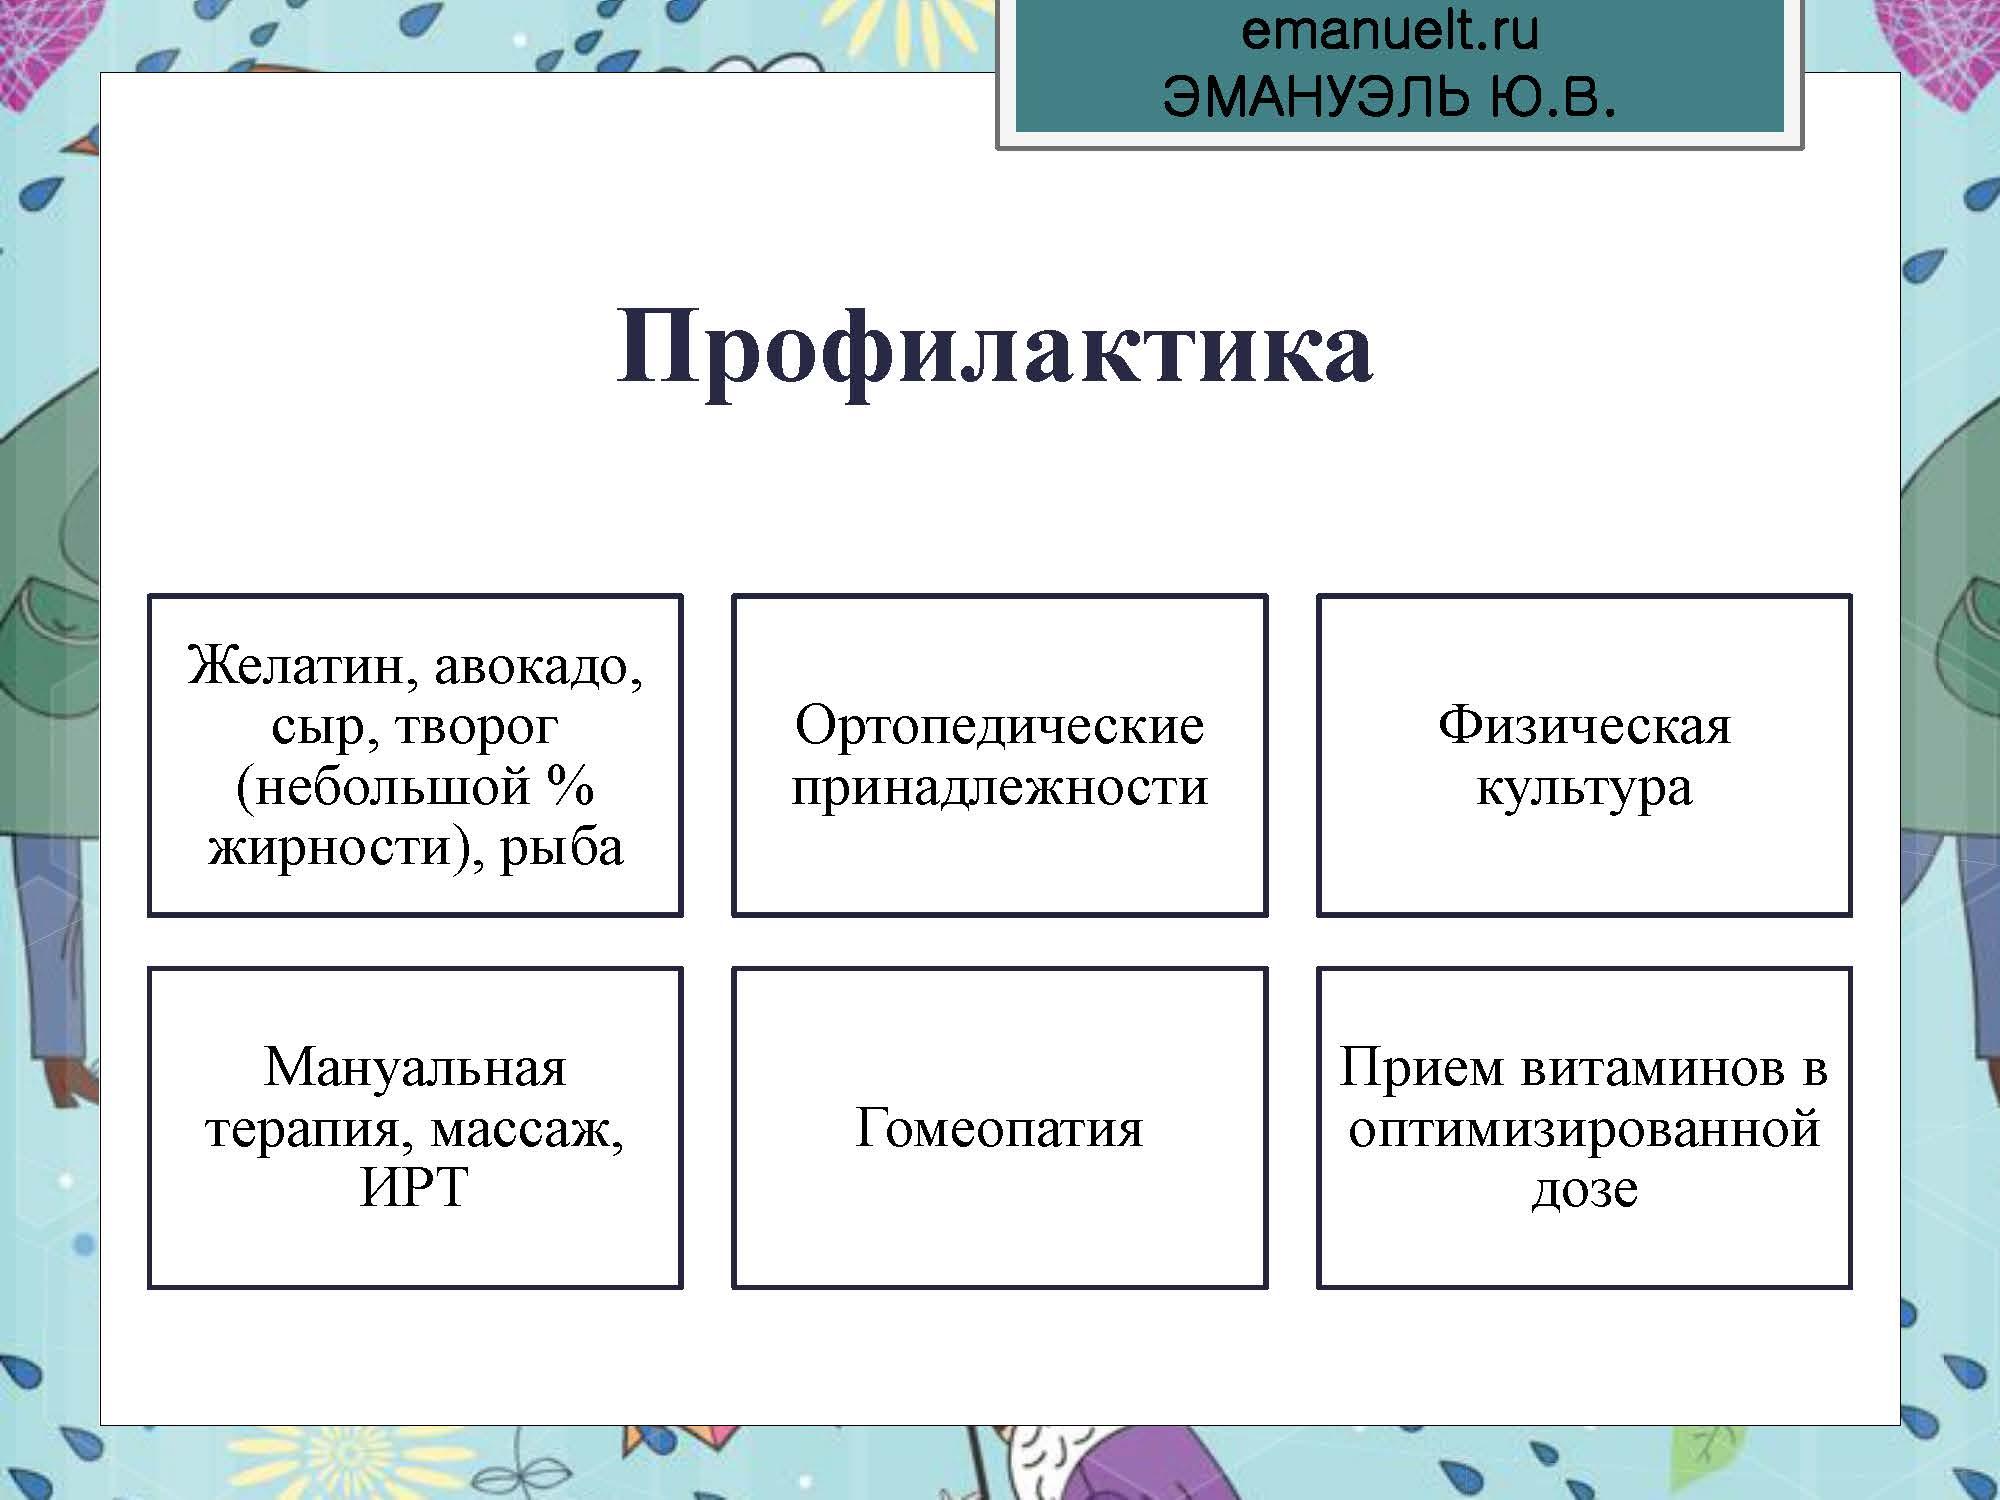 Секция 8. ЭЮВ. СПбГМУ.  26.03_Страница_31